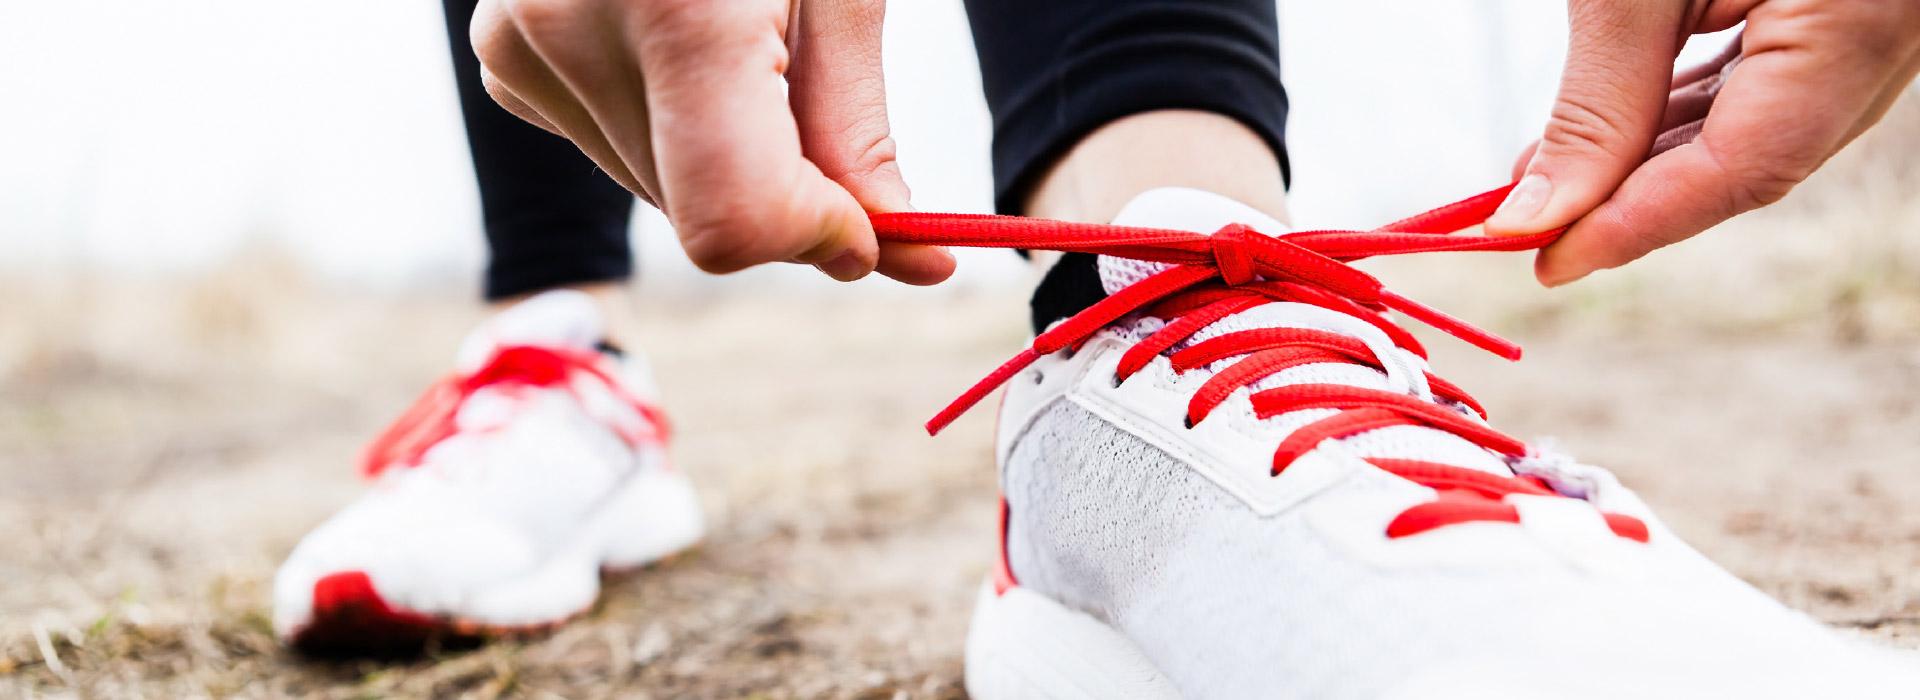 03-walking-frauen-gesundheitswochen-2019